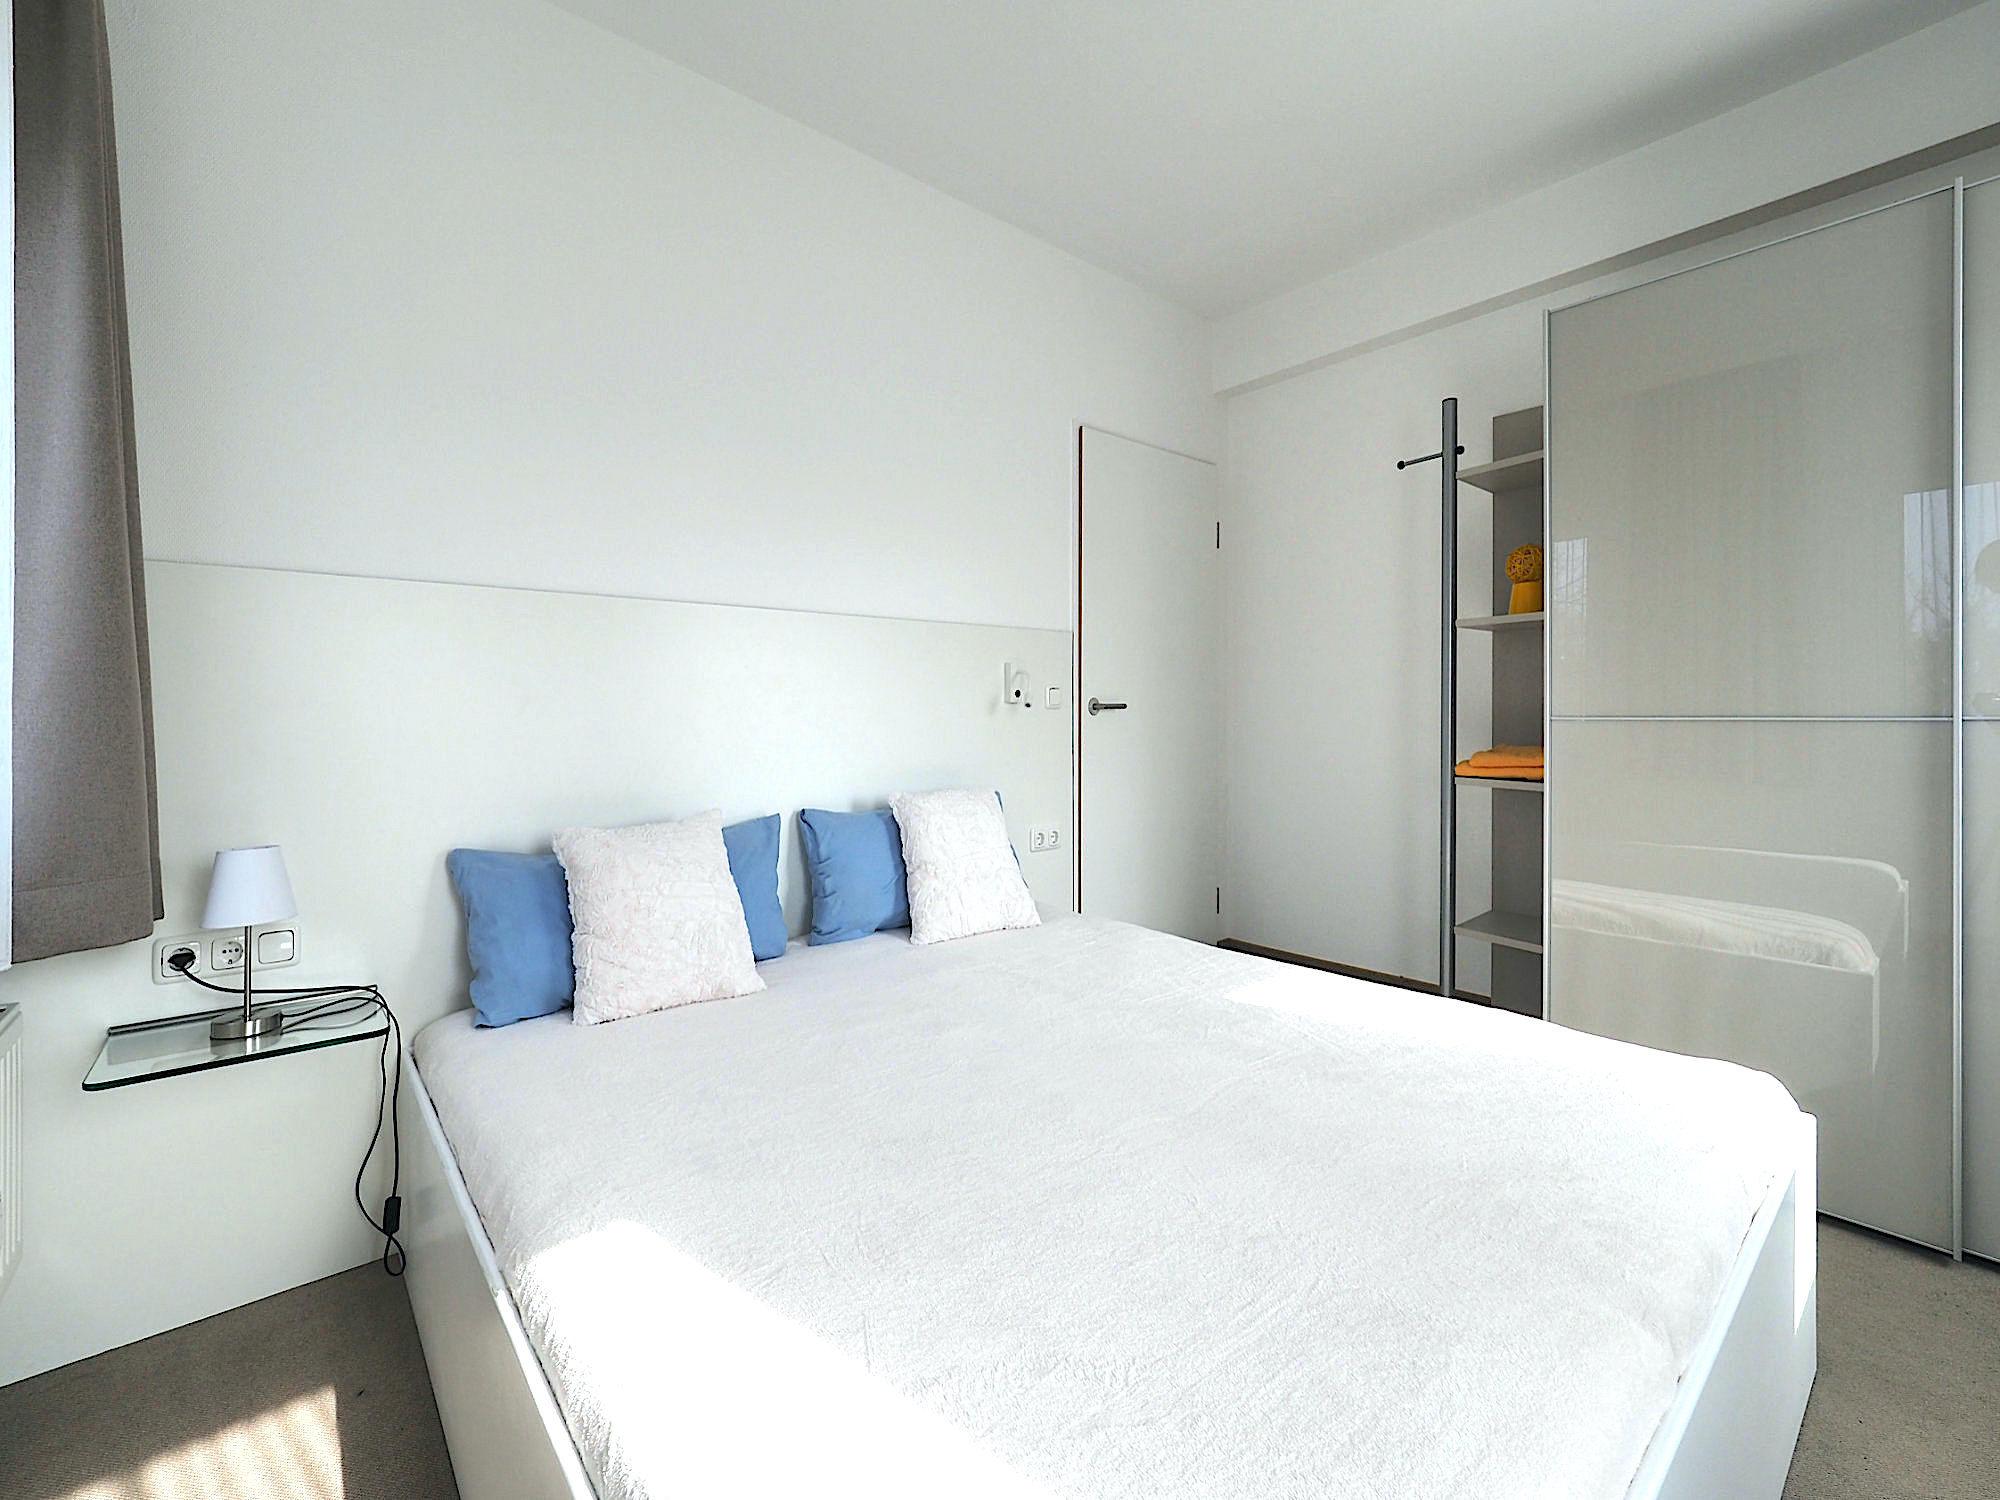 Zweites Schlafzimmer mit Doppelbett, rechts davon ein großer Kleiderschrank mit Regalteil